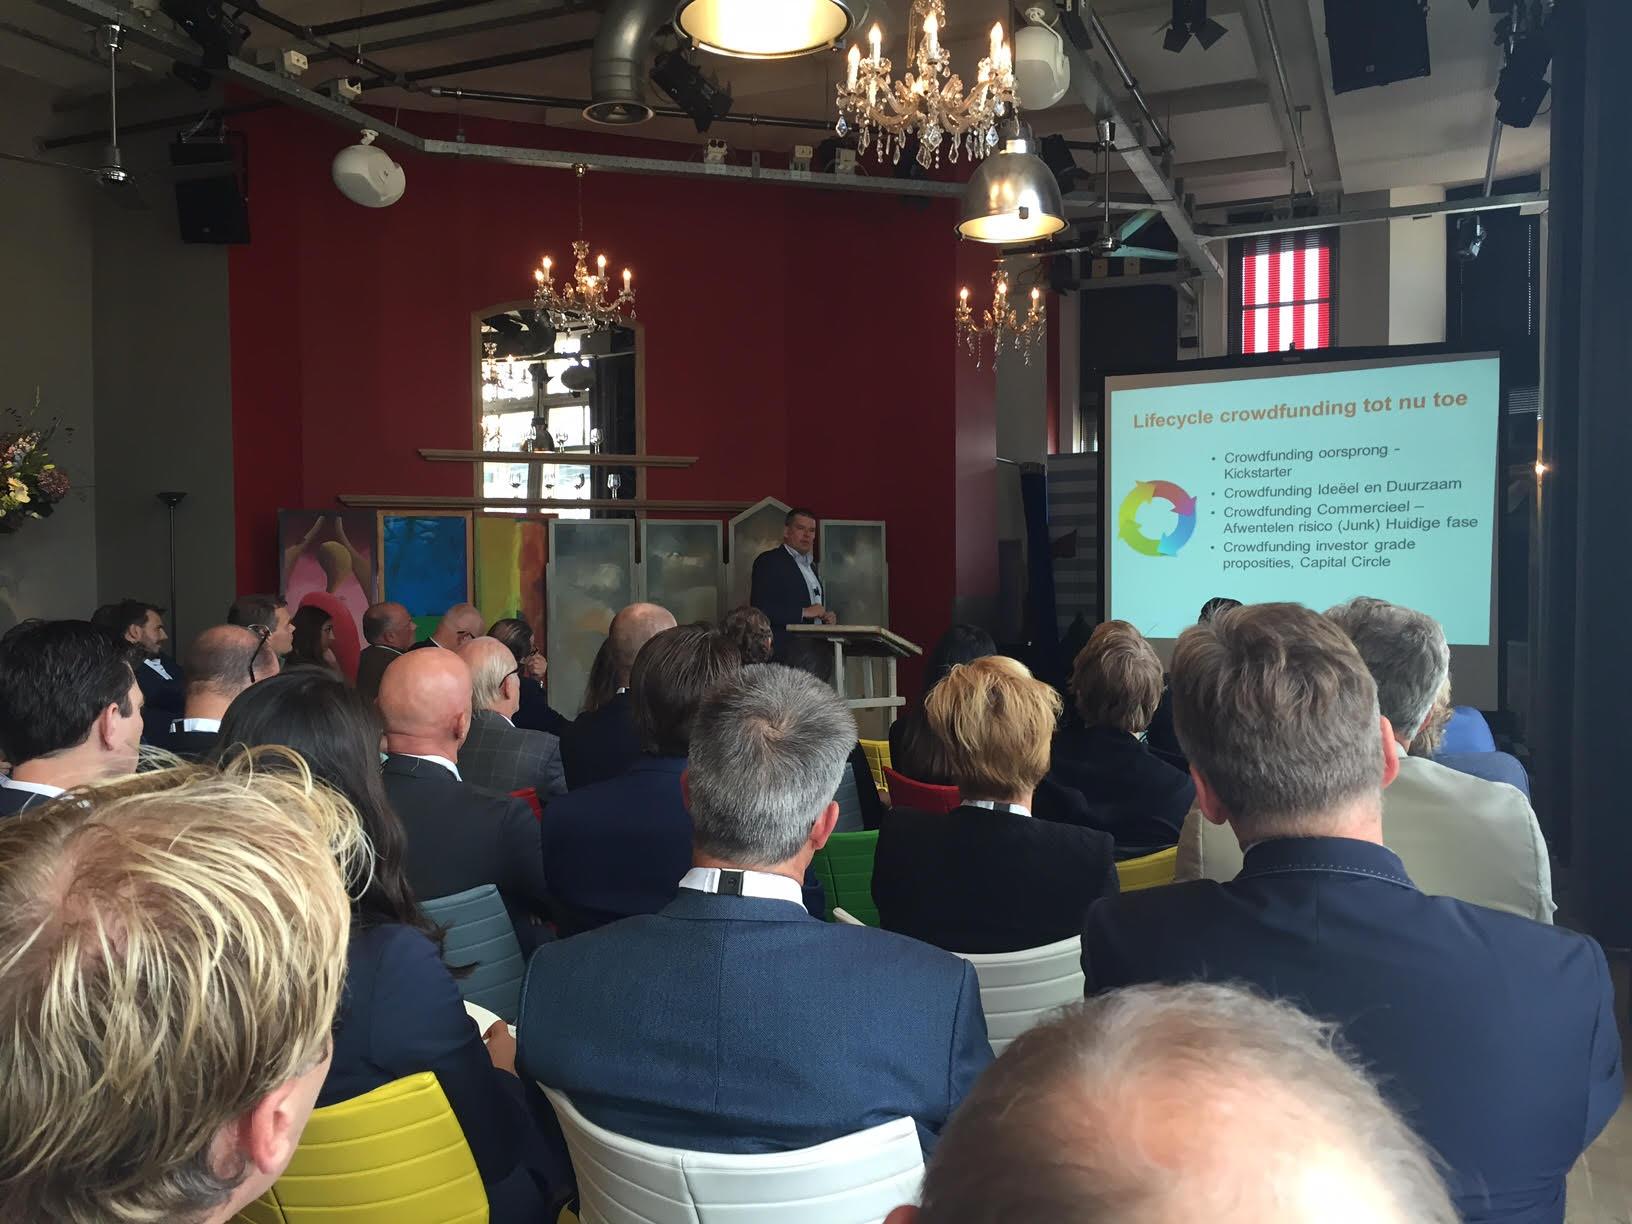 Meer dan 20 franchiseformules vertegenwoordigd door 50 deelnemers waren aanwezig op het Capital Circle franchise evenement in Hotel New York in Rotterdam. Bron: FranchiseFormules.NL